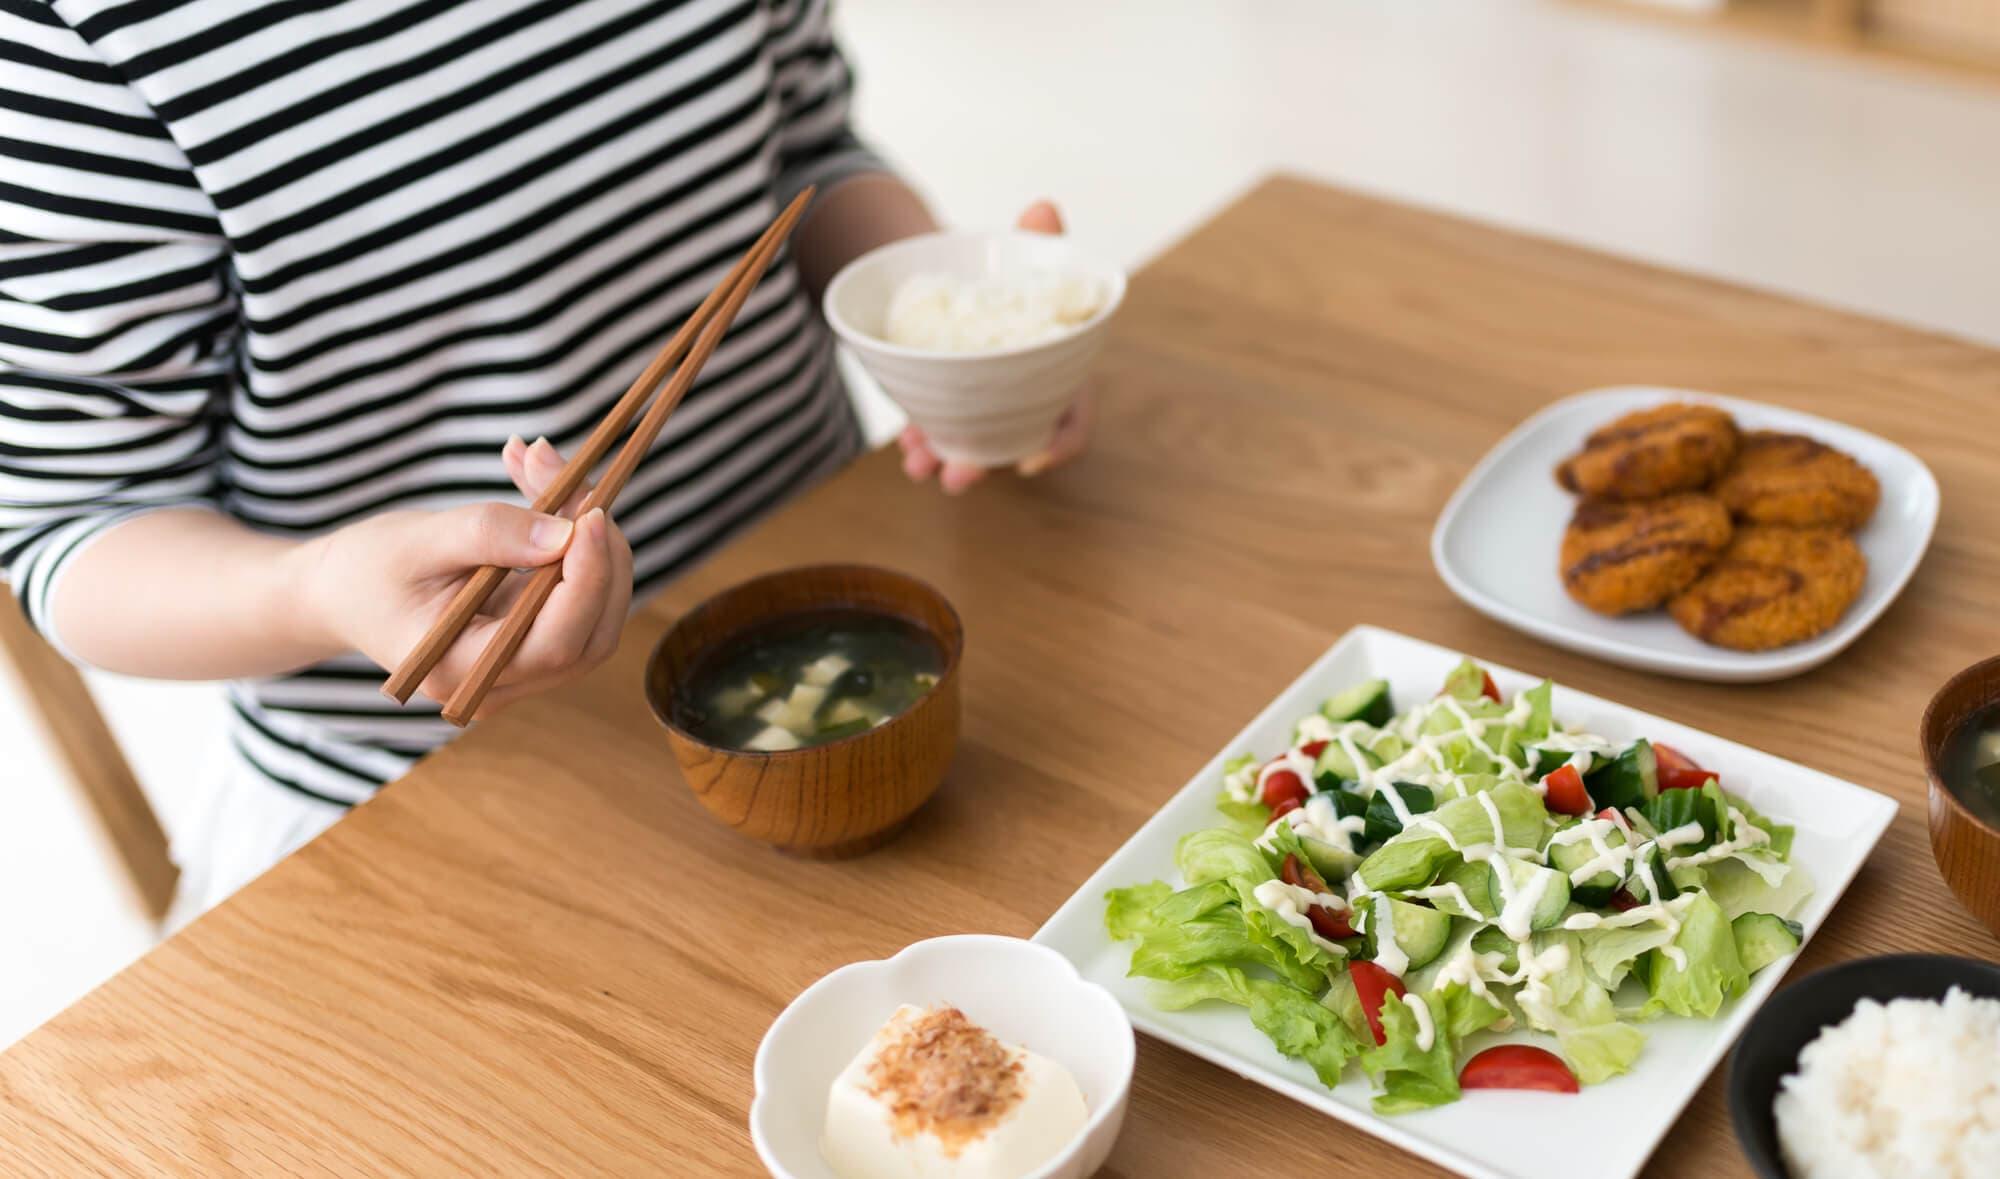 【レシピ付き】妊娠中におすすめな四つの食事メニュー